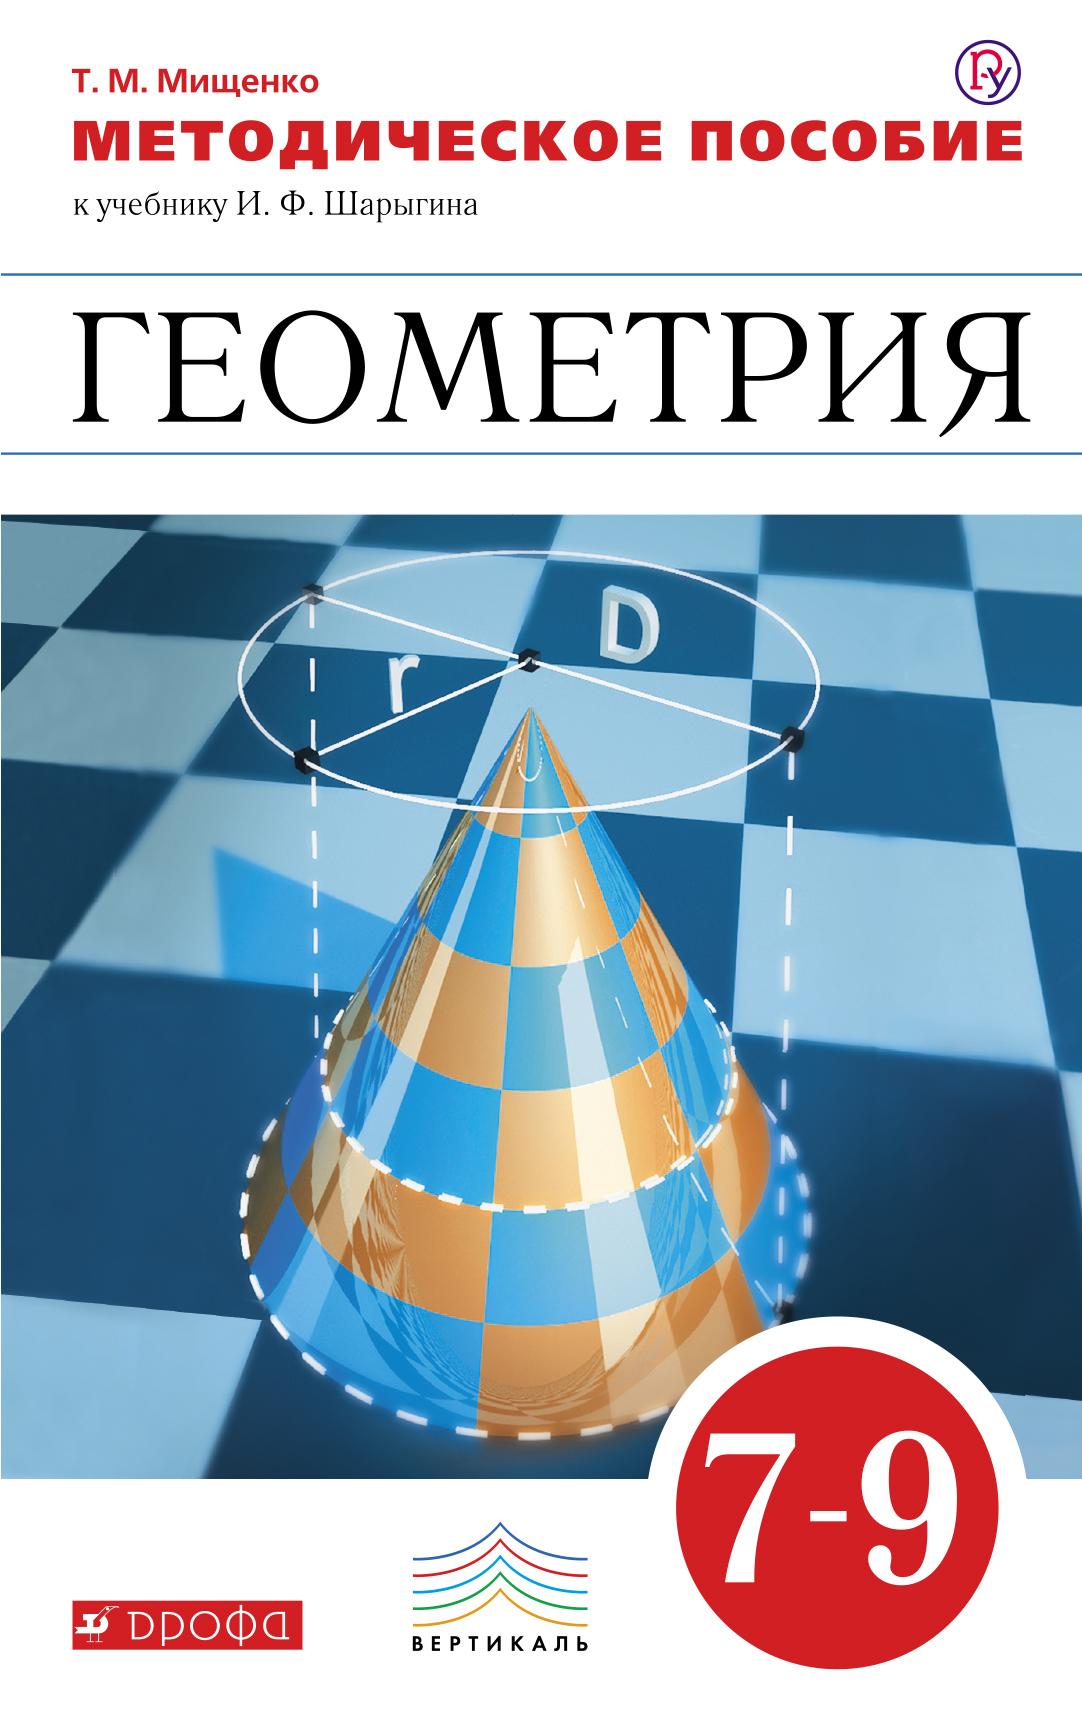 Мищенко Т.М. Геометрия. 7-9 классы. Методическое пособие